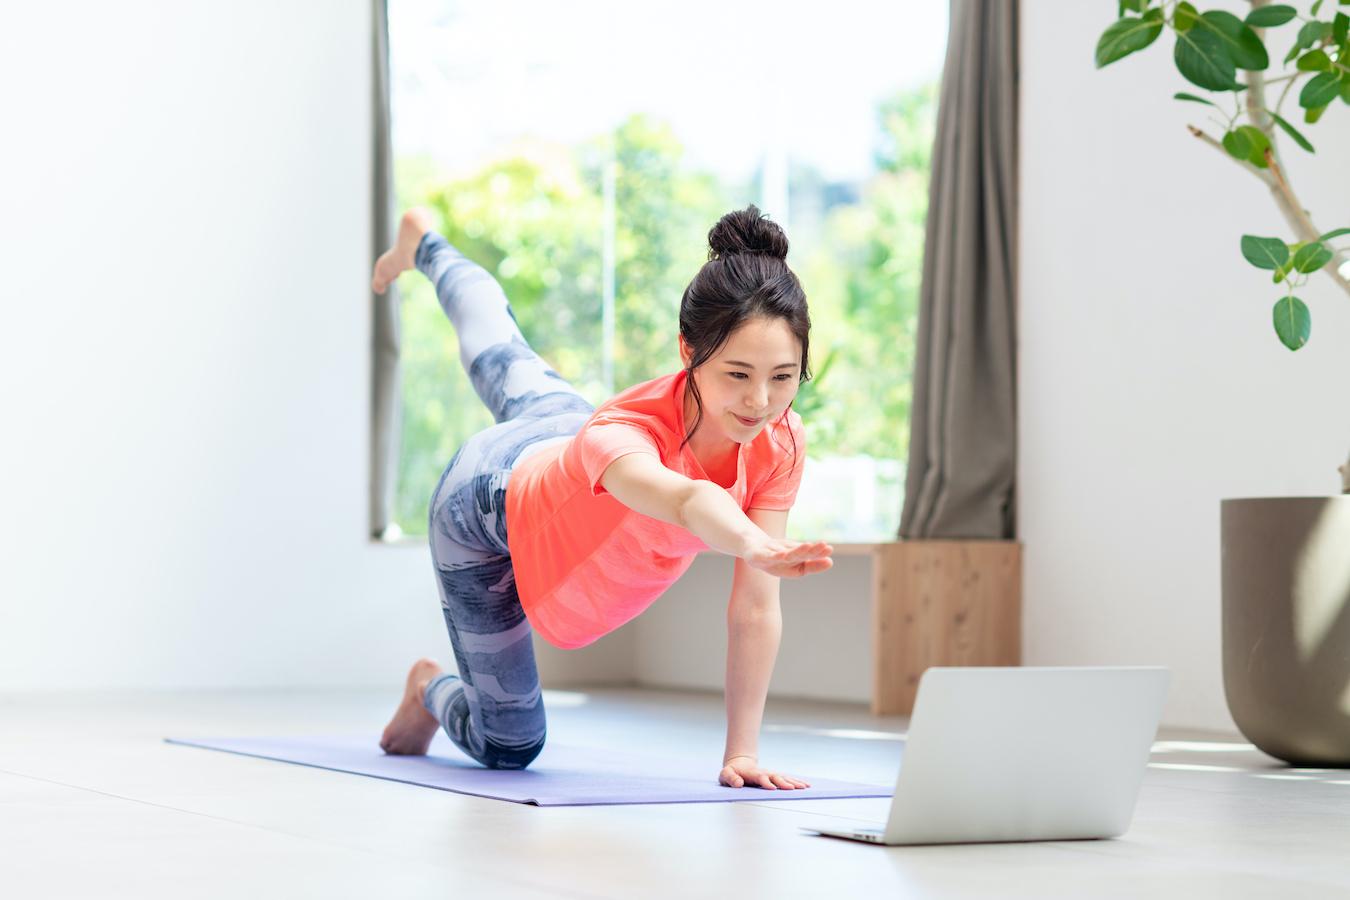 ステイホームでも健康になれる!いま、注目のオンラインフィットネスとは?